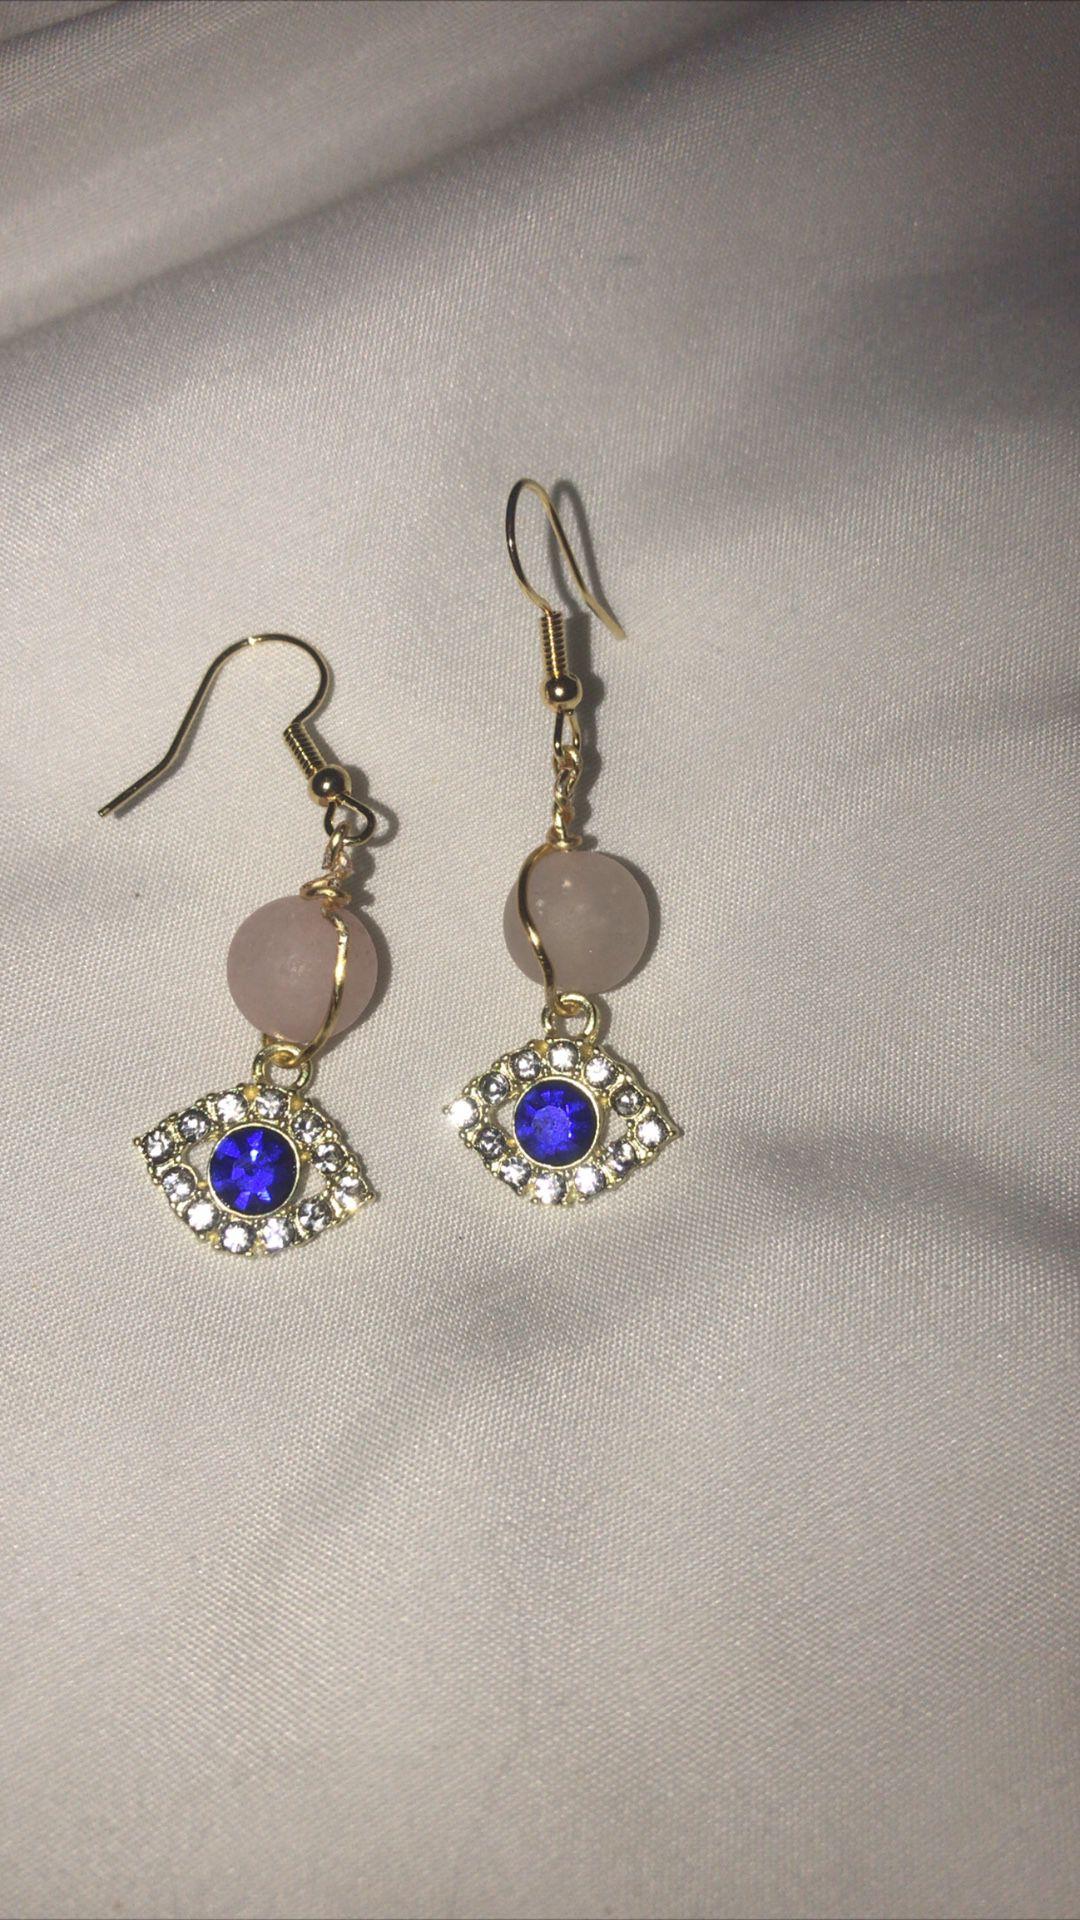 Rose quartz and eye pendant earrings